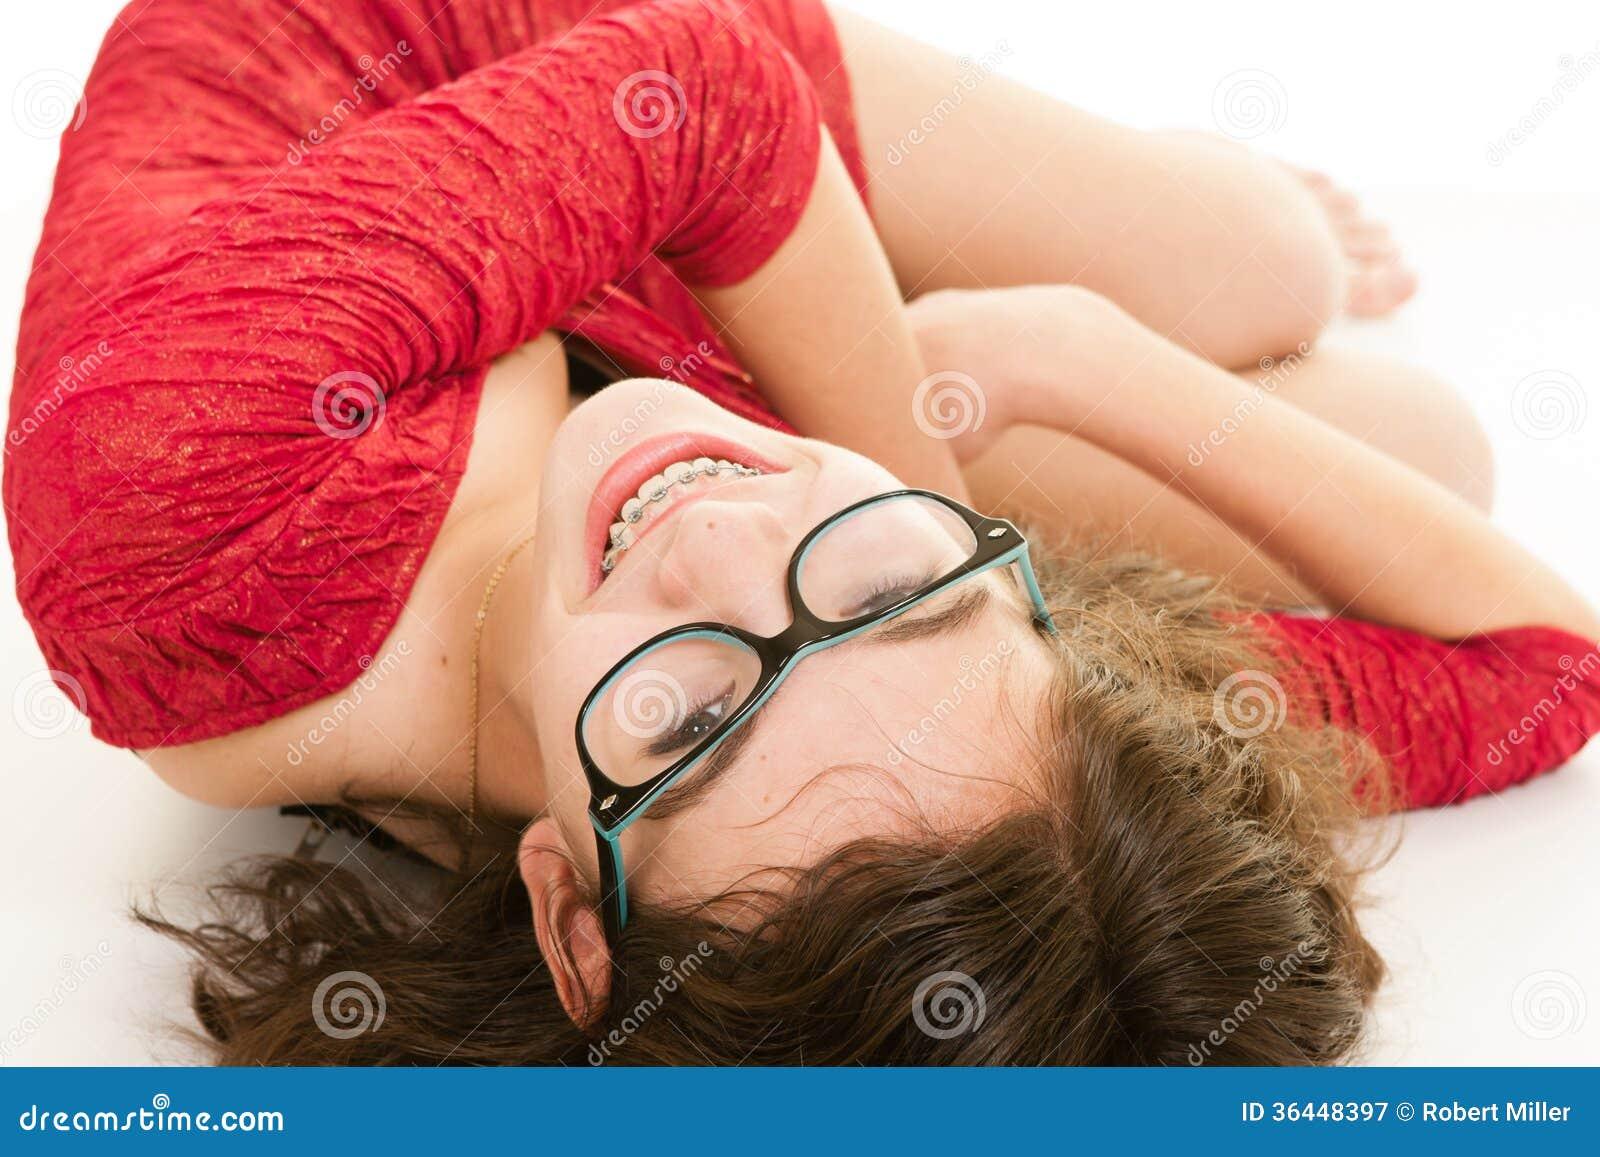 upside down girl panties